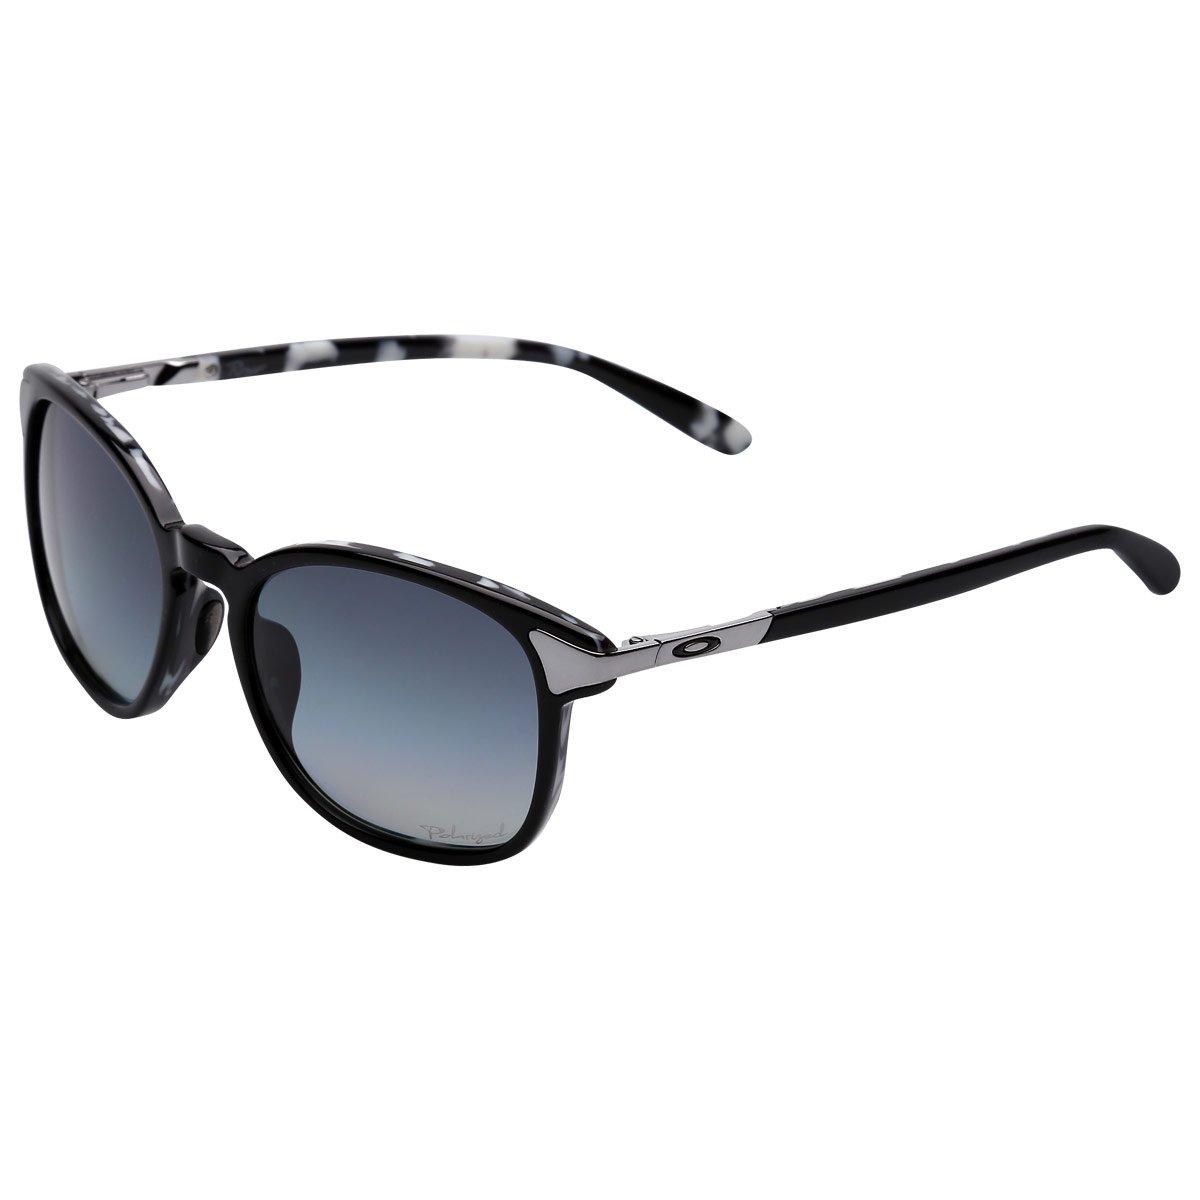 8b7f6058f50e5 Óculos Oakley Ringer - Polarizado - Compre Agora